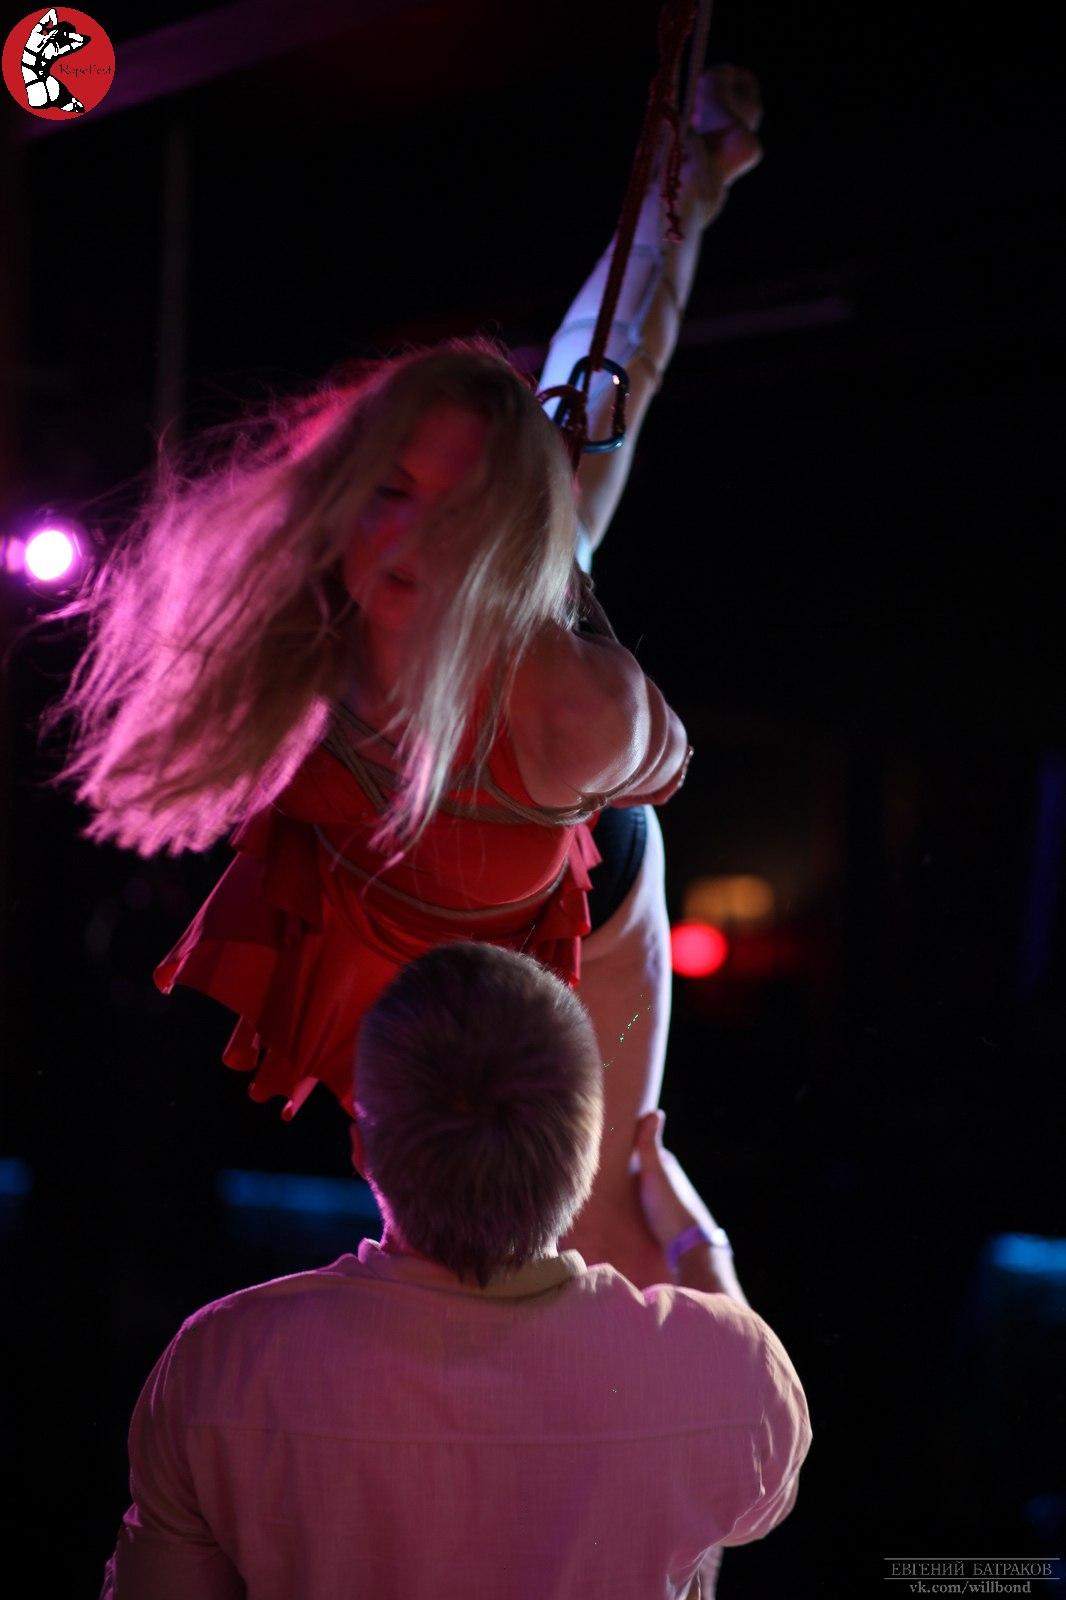 Rope Fest Peterburg . Bondage: Velad. Photo by Evgeniy Batrakov